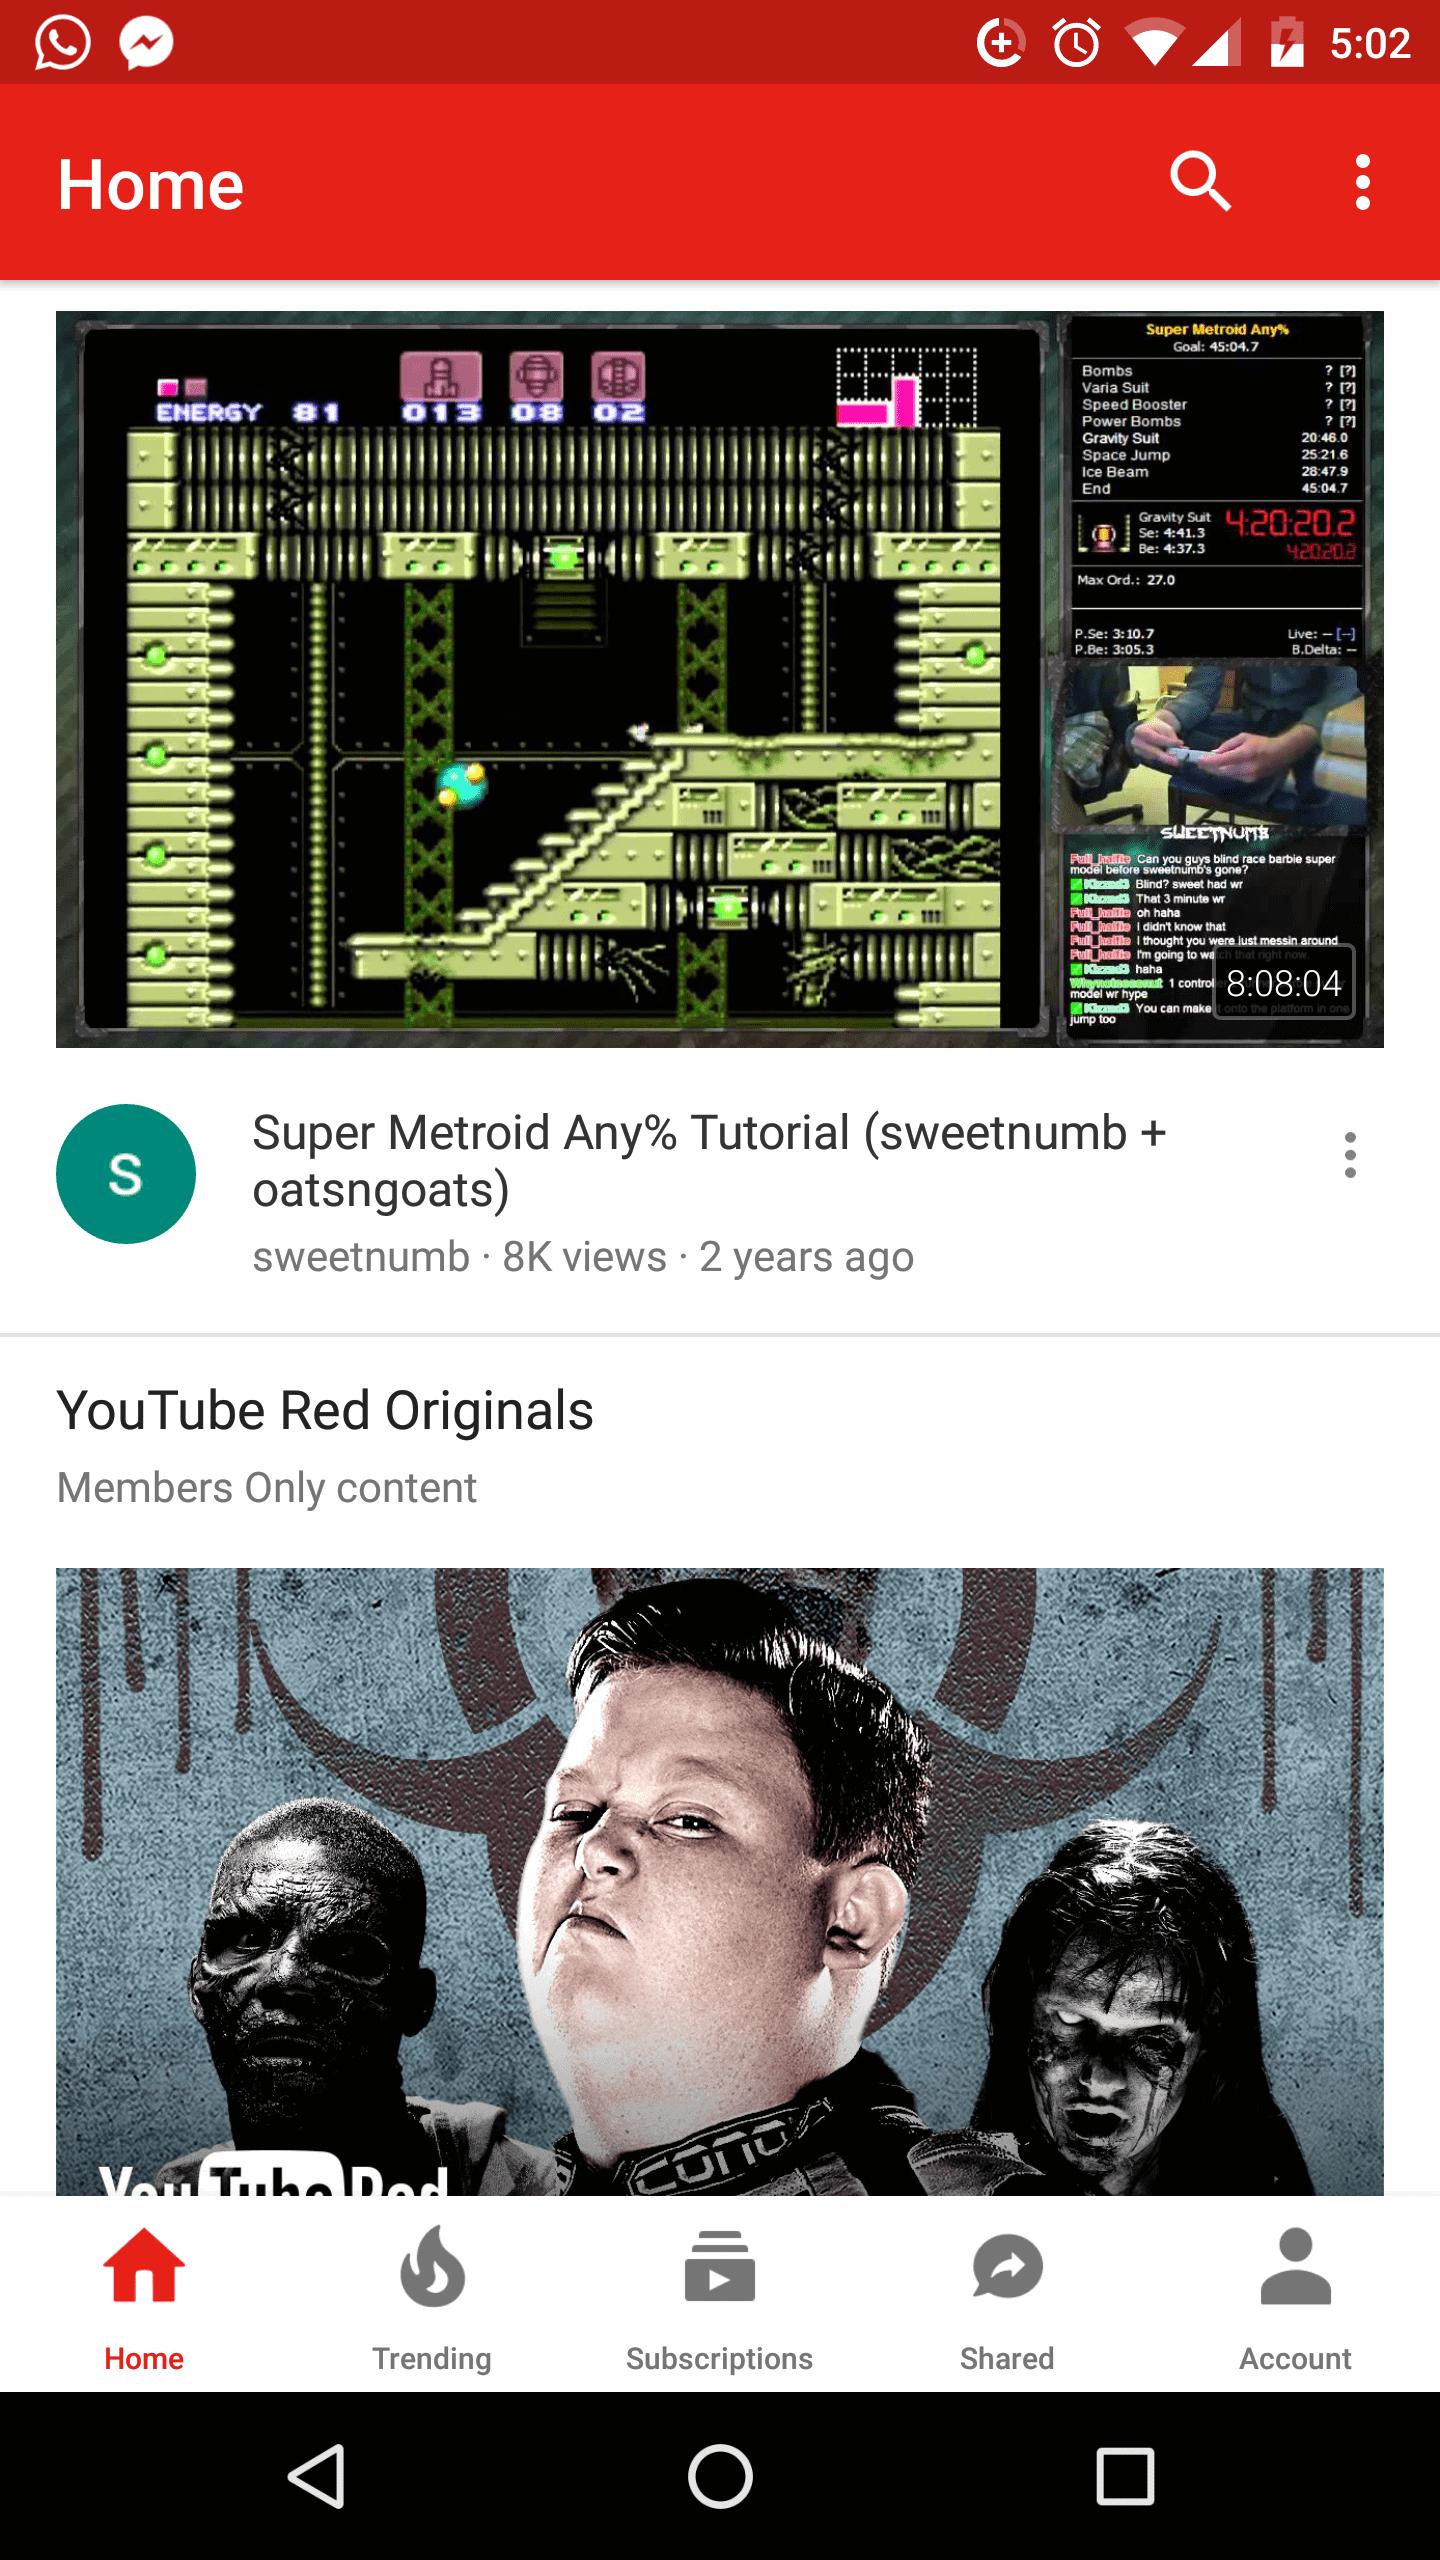 YouTube bottom nav bar UI 2